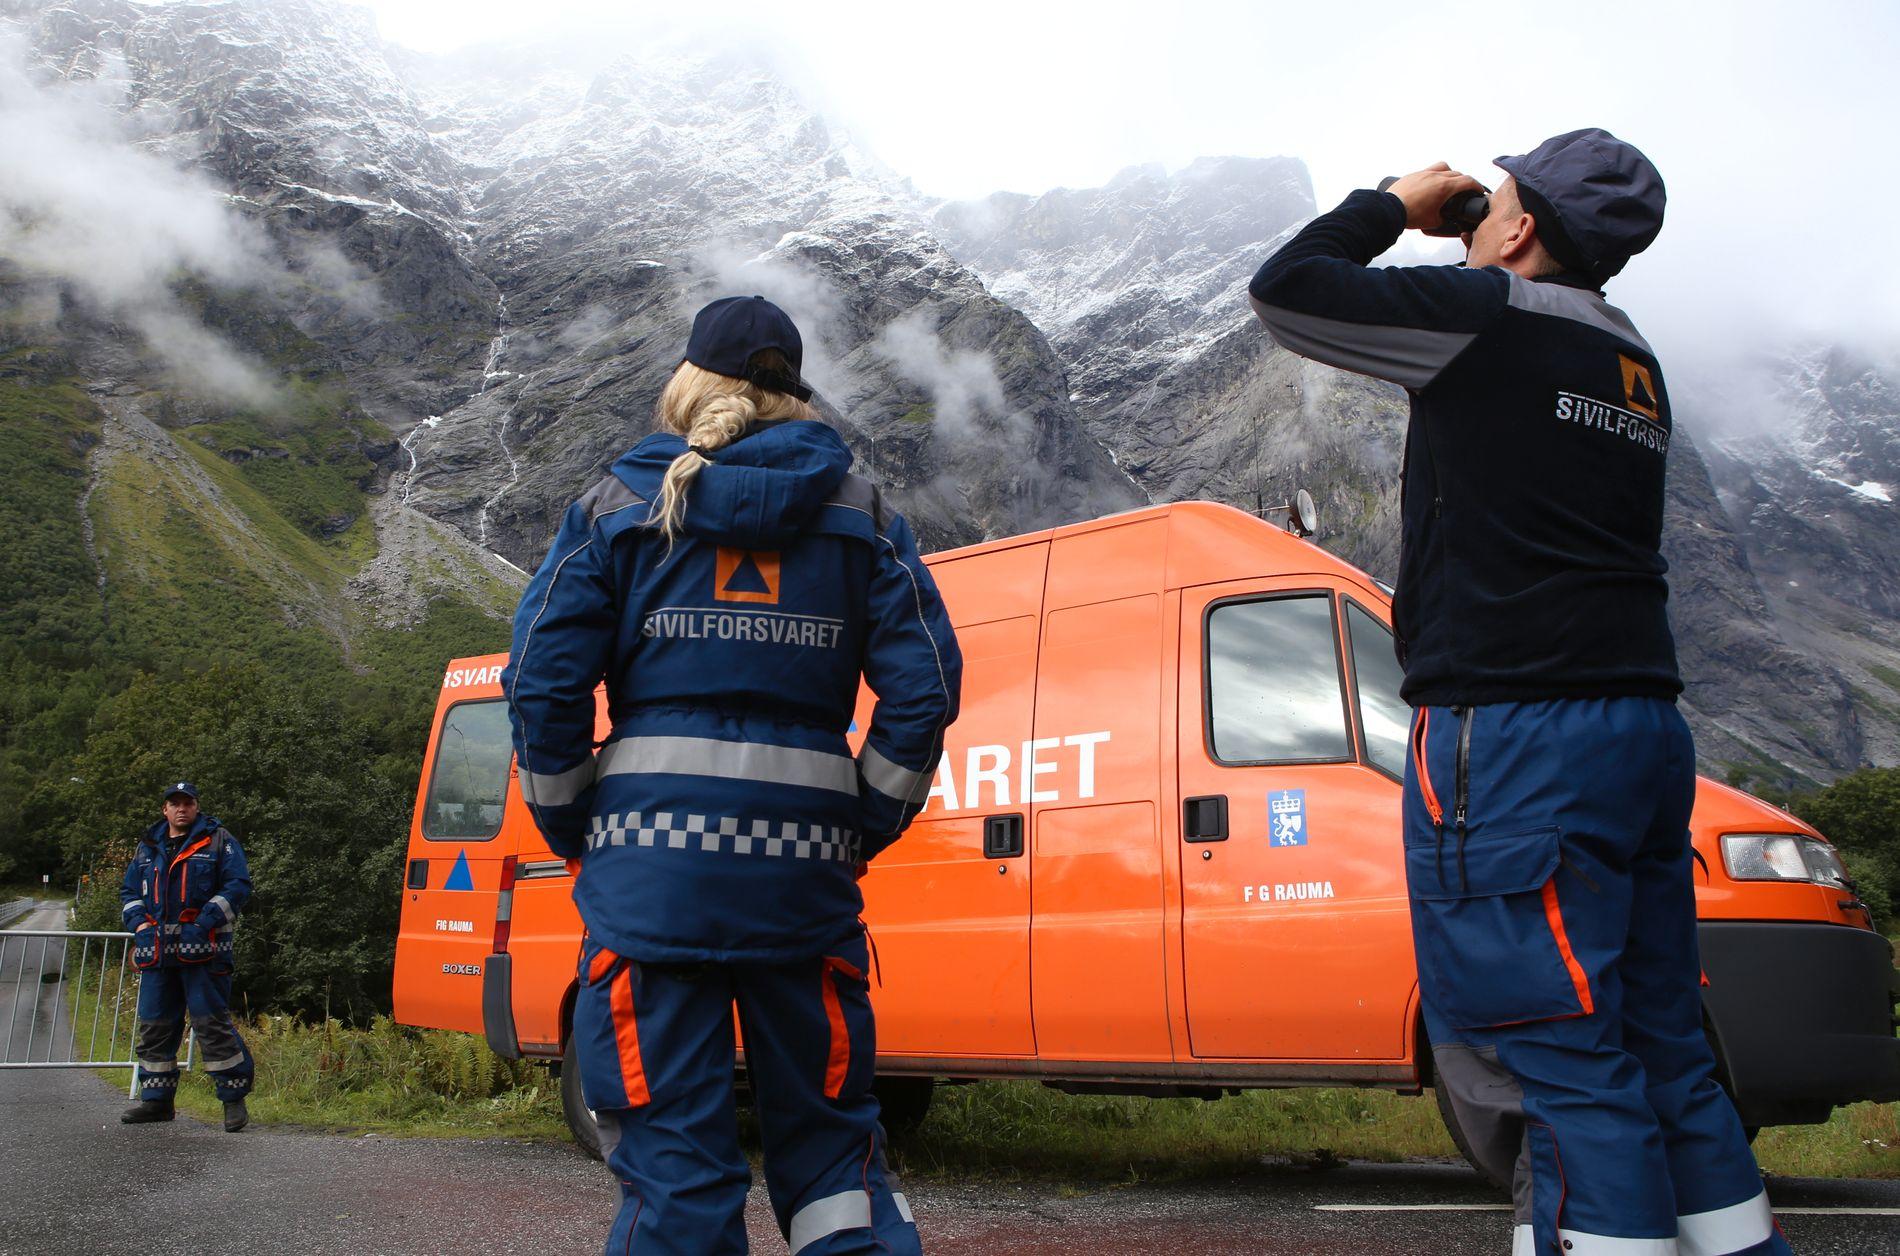 GAMMELT UTSTYR: Flere distrikt i Sivilforsvarer mener de sliter med gammelt utstyr. Her fra evakuering ved «Mannen» i Rauma kommune i Møre og Romsdal i 2016.